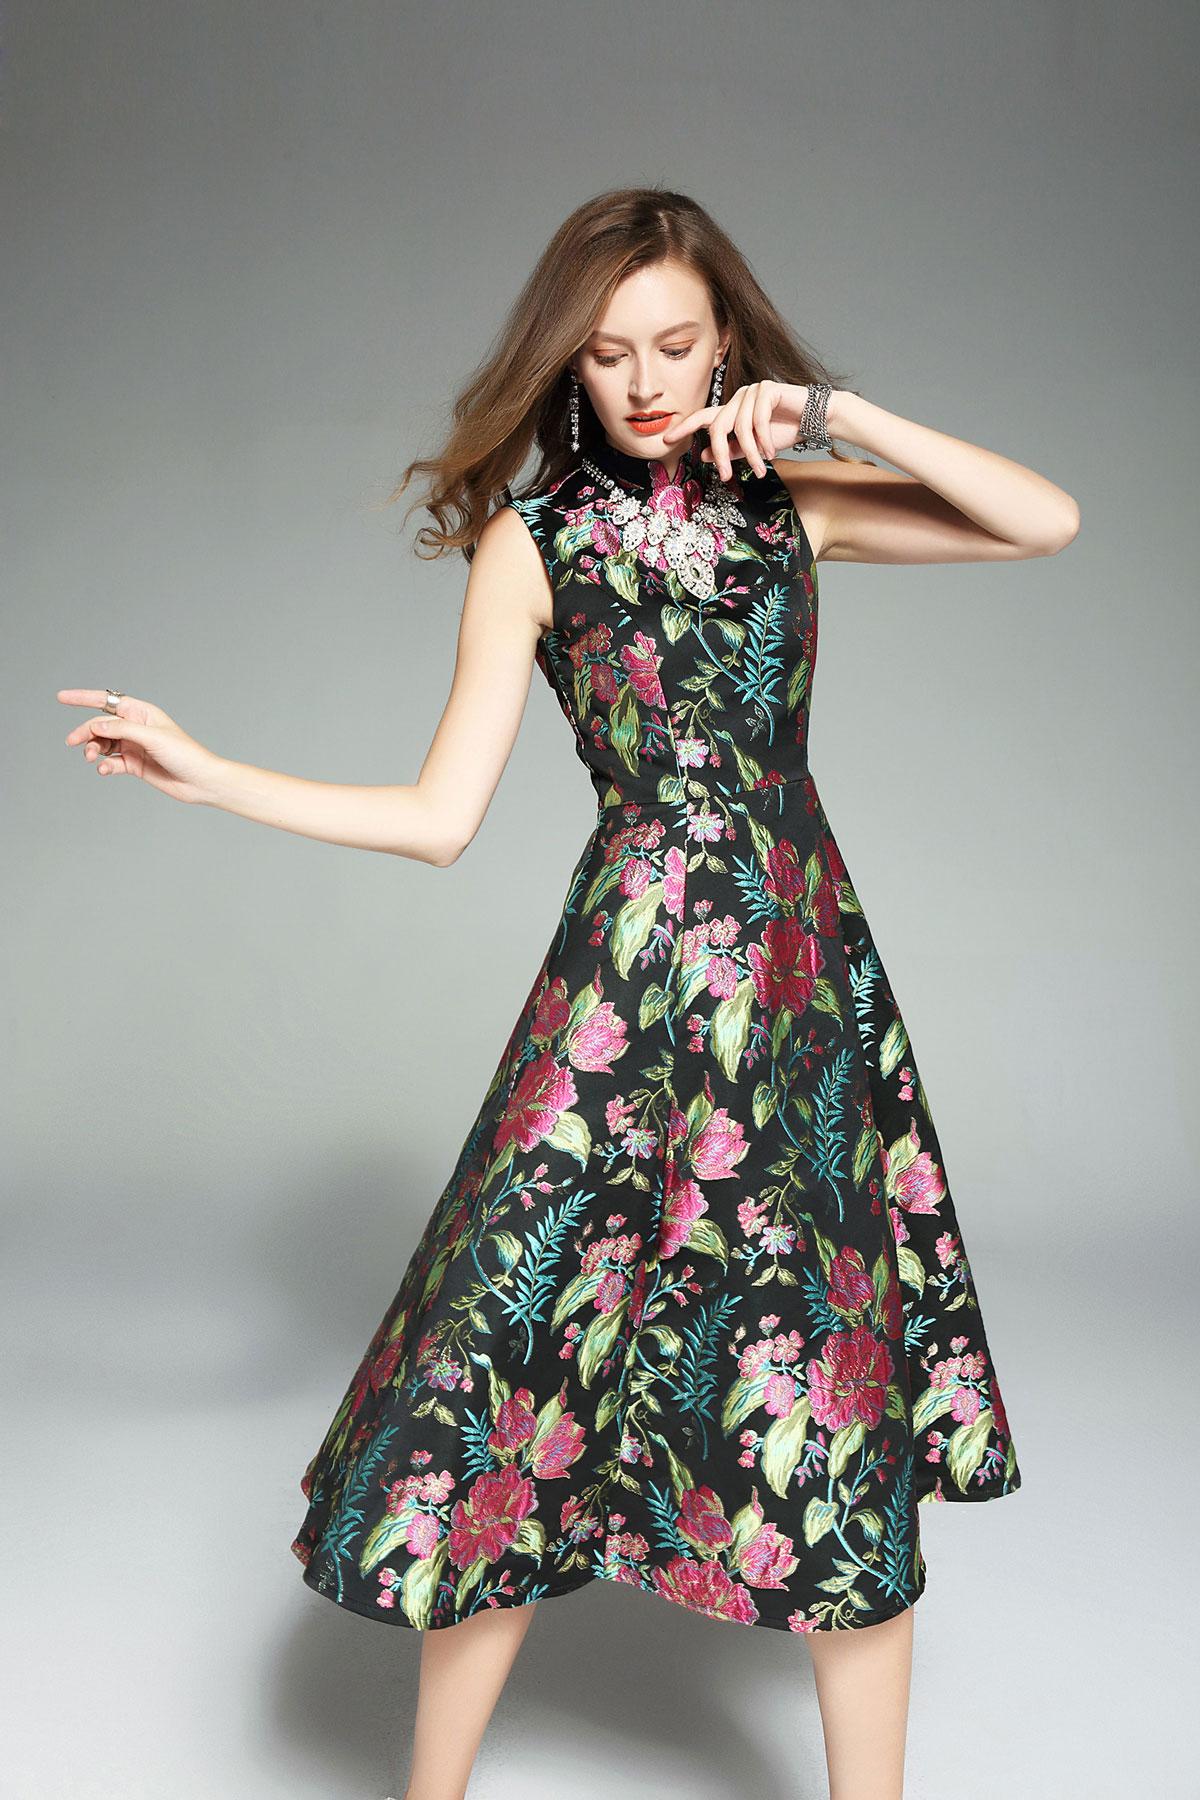 robe de soirée mi-longue noire col haut brodé de fleurs